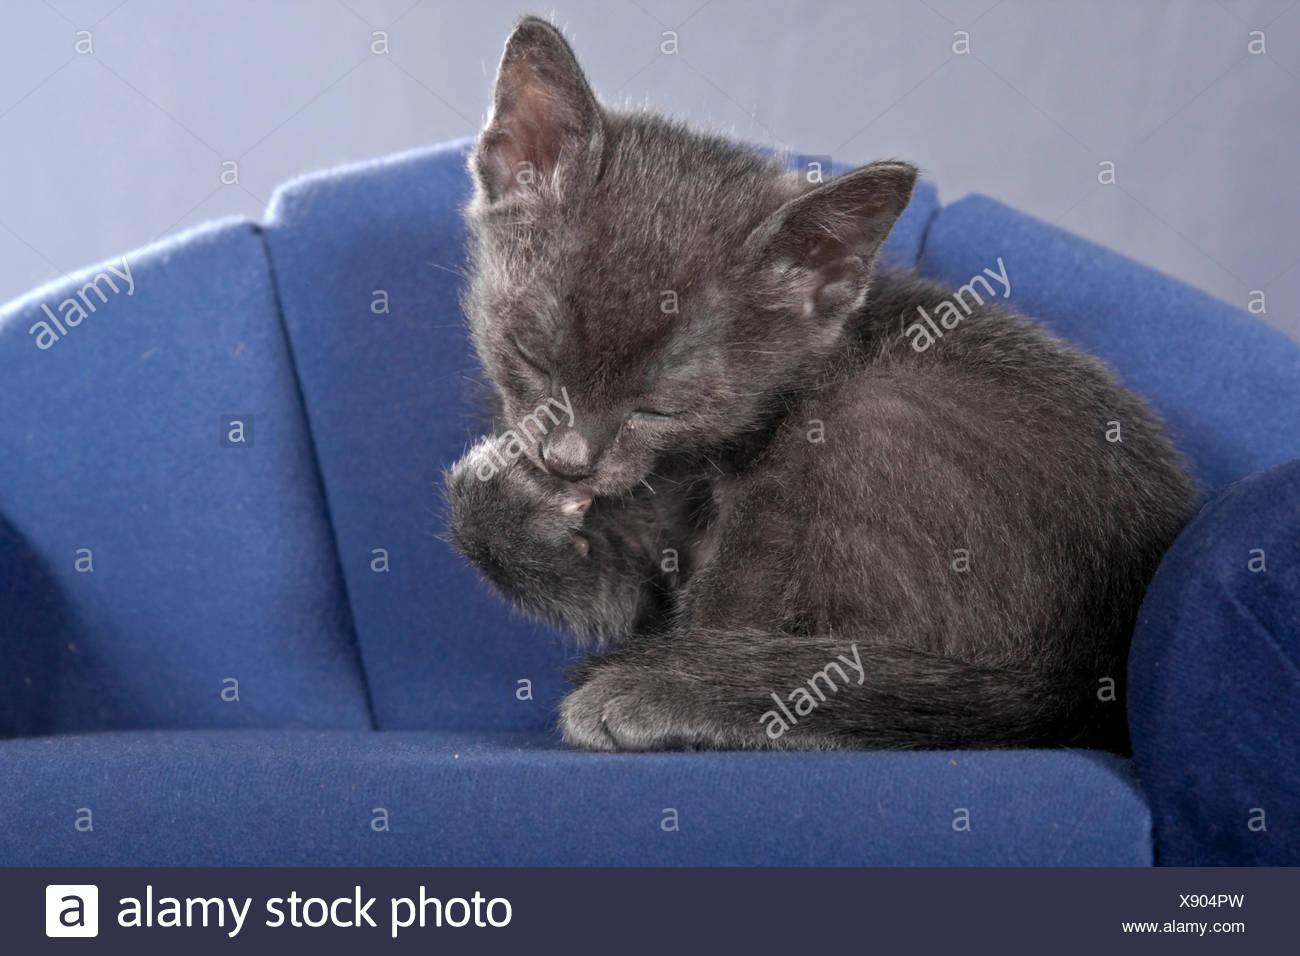 Korat kitten on a sofa sitting, grooming Stock Photo